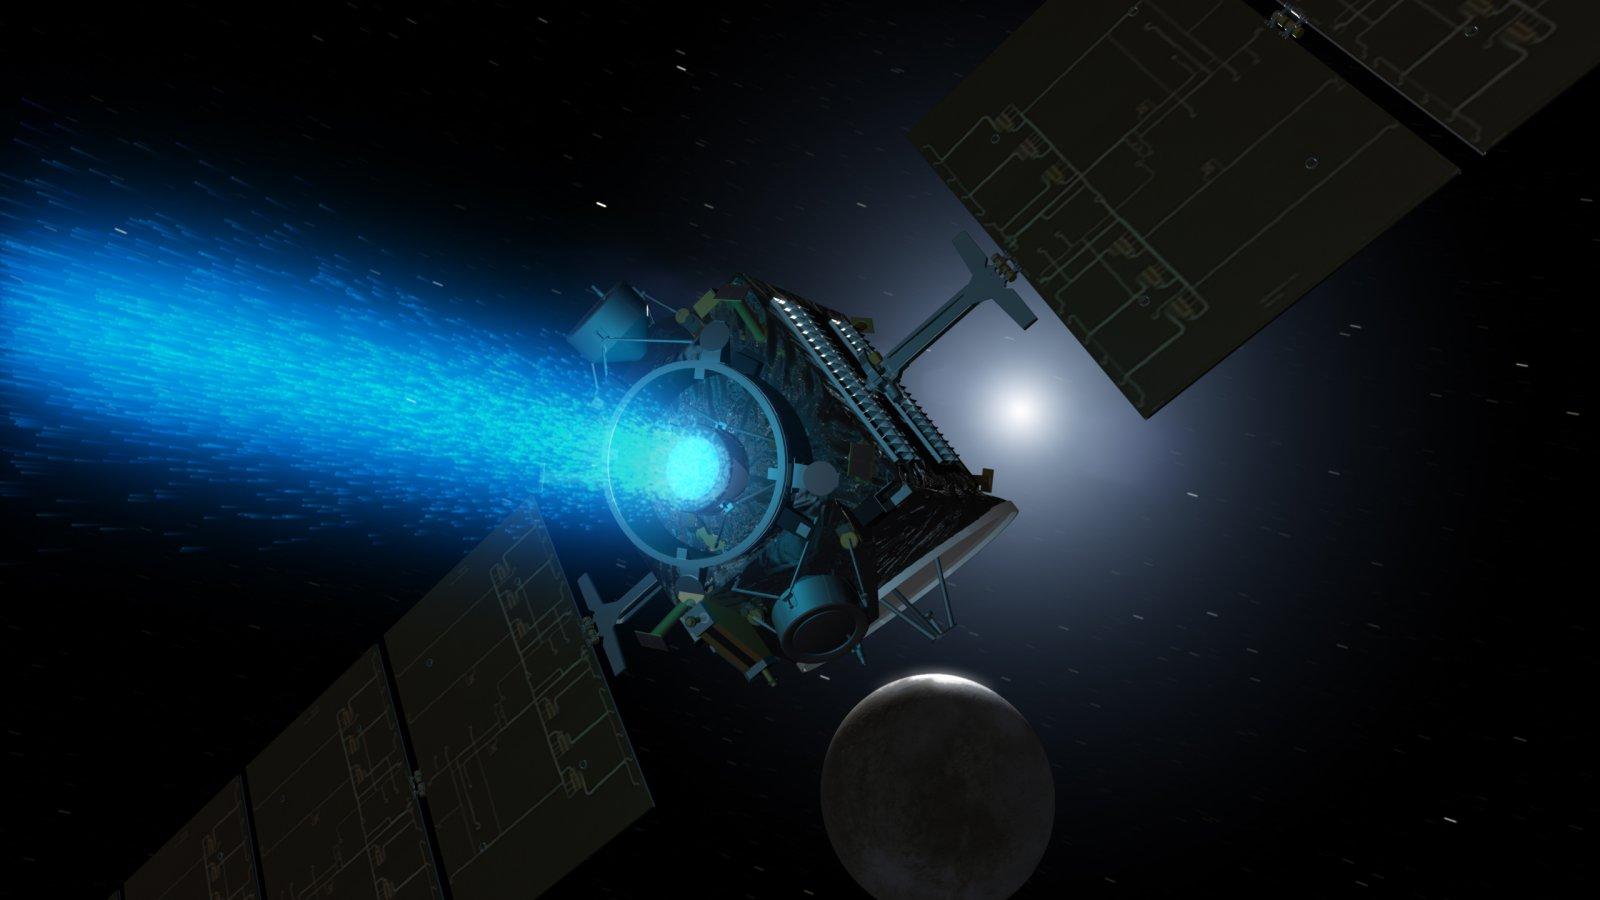 Оборудование Keysight использовалось для сбора параметров антенн в процессе подготовки к исследованиям спутников планет